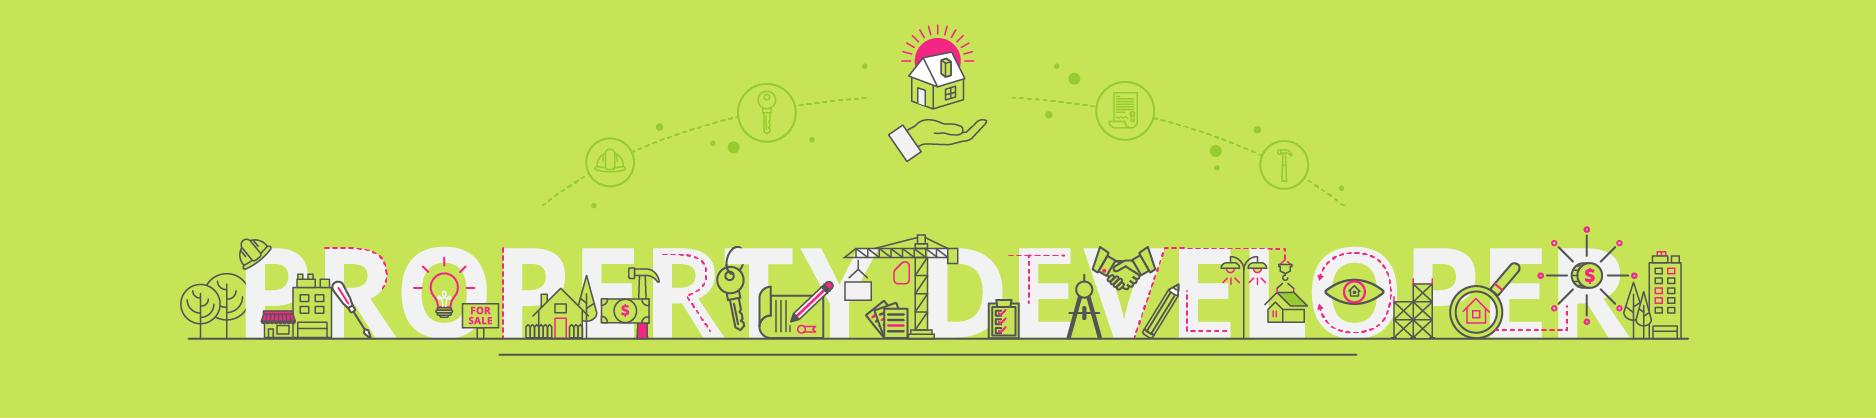 Property_Developer_Desktop